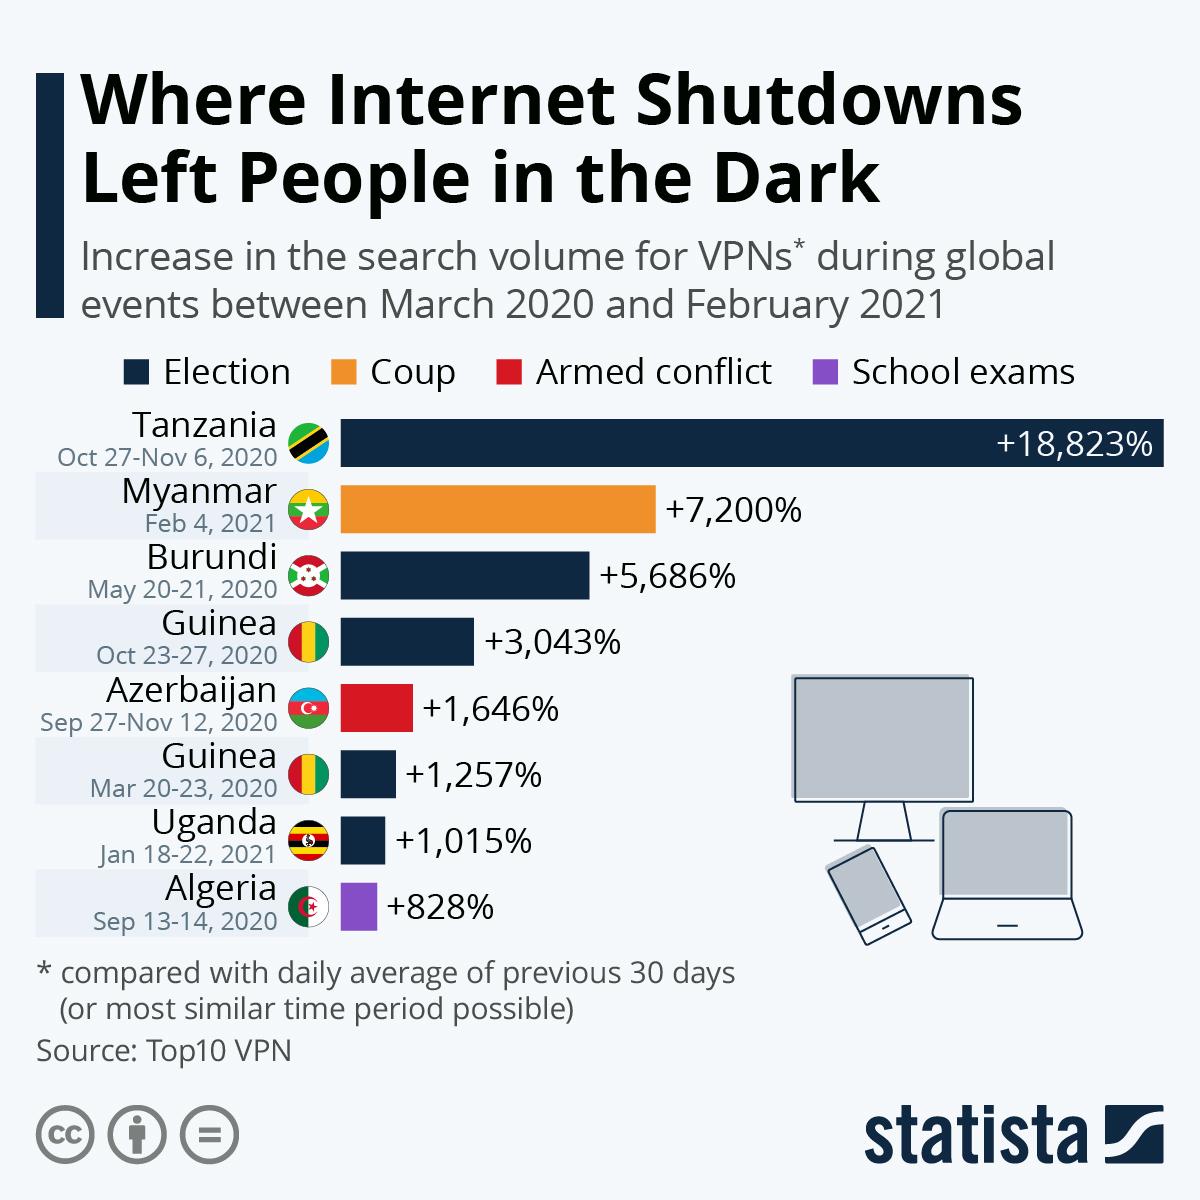 该图显示了2020年3月至2021年2月全球事件期间VPN搜索量的最大增长。 | Statista